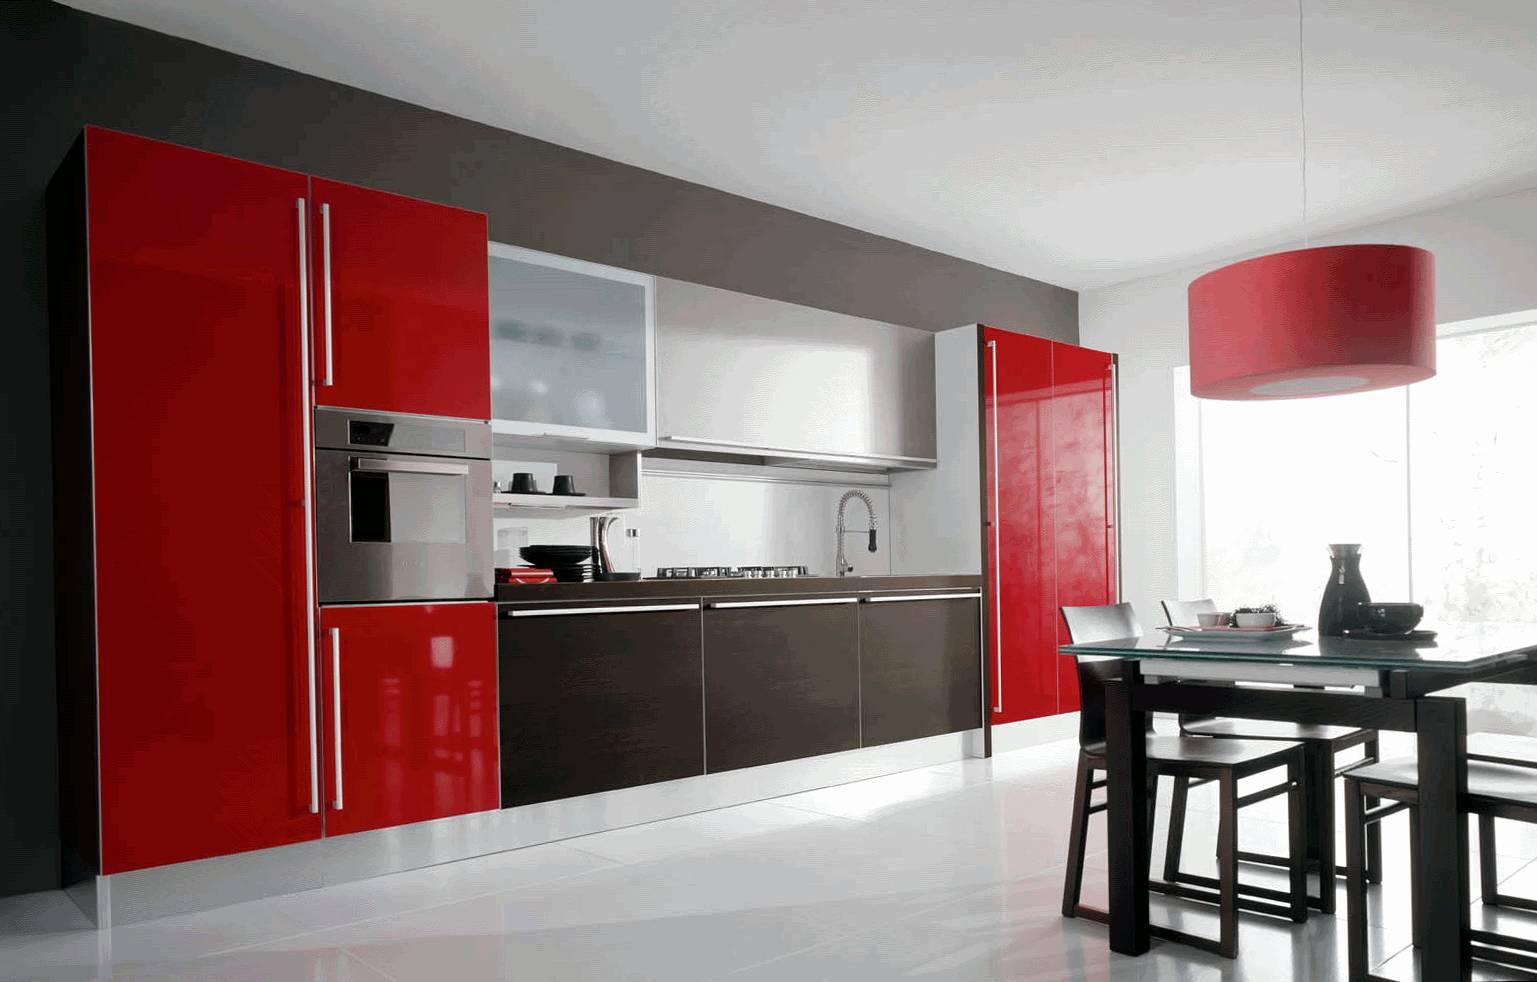 Прямые кухни идеально подходят для больших помещений